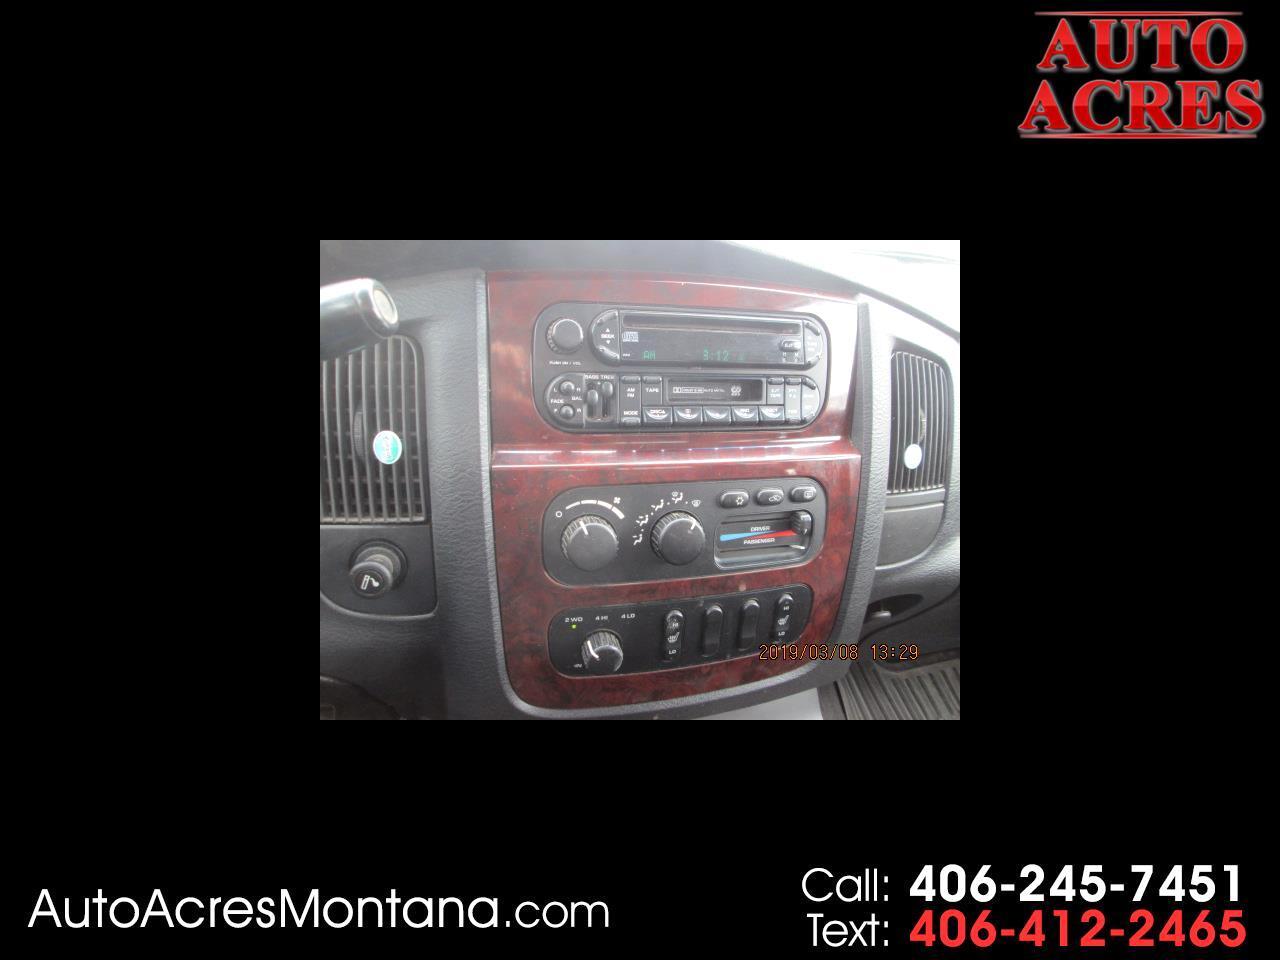 2003 Dodge Ram 3500 4dr Quad Cab 160.5